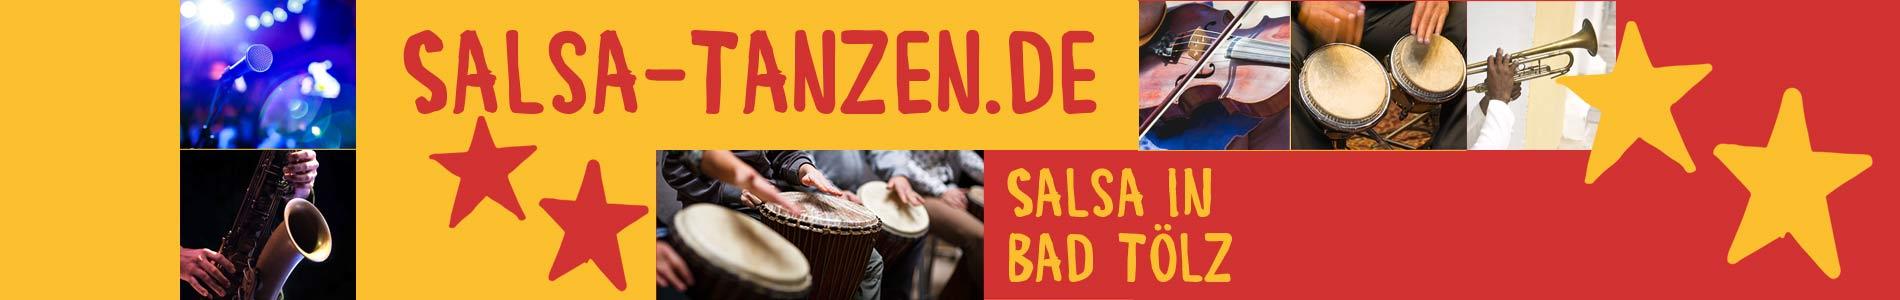 Salsa in Bad Tölz – Salsa lernen und tanzen, Tanzkurse, Partys, Veranstaltungen